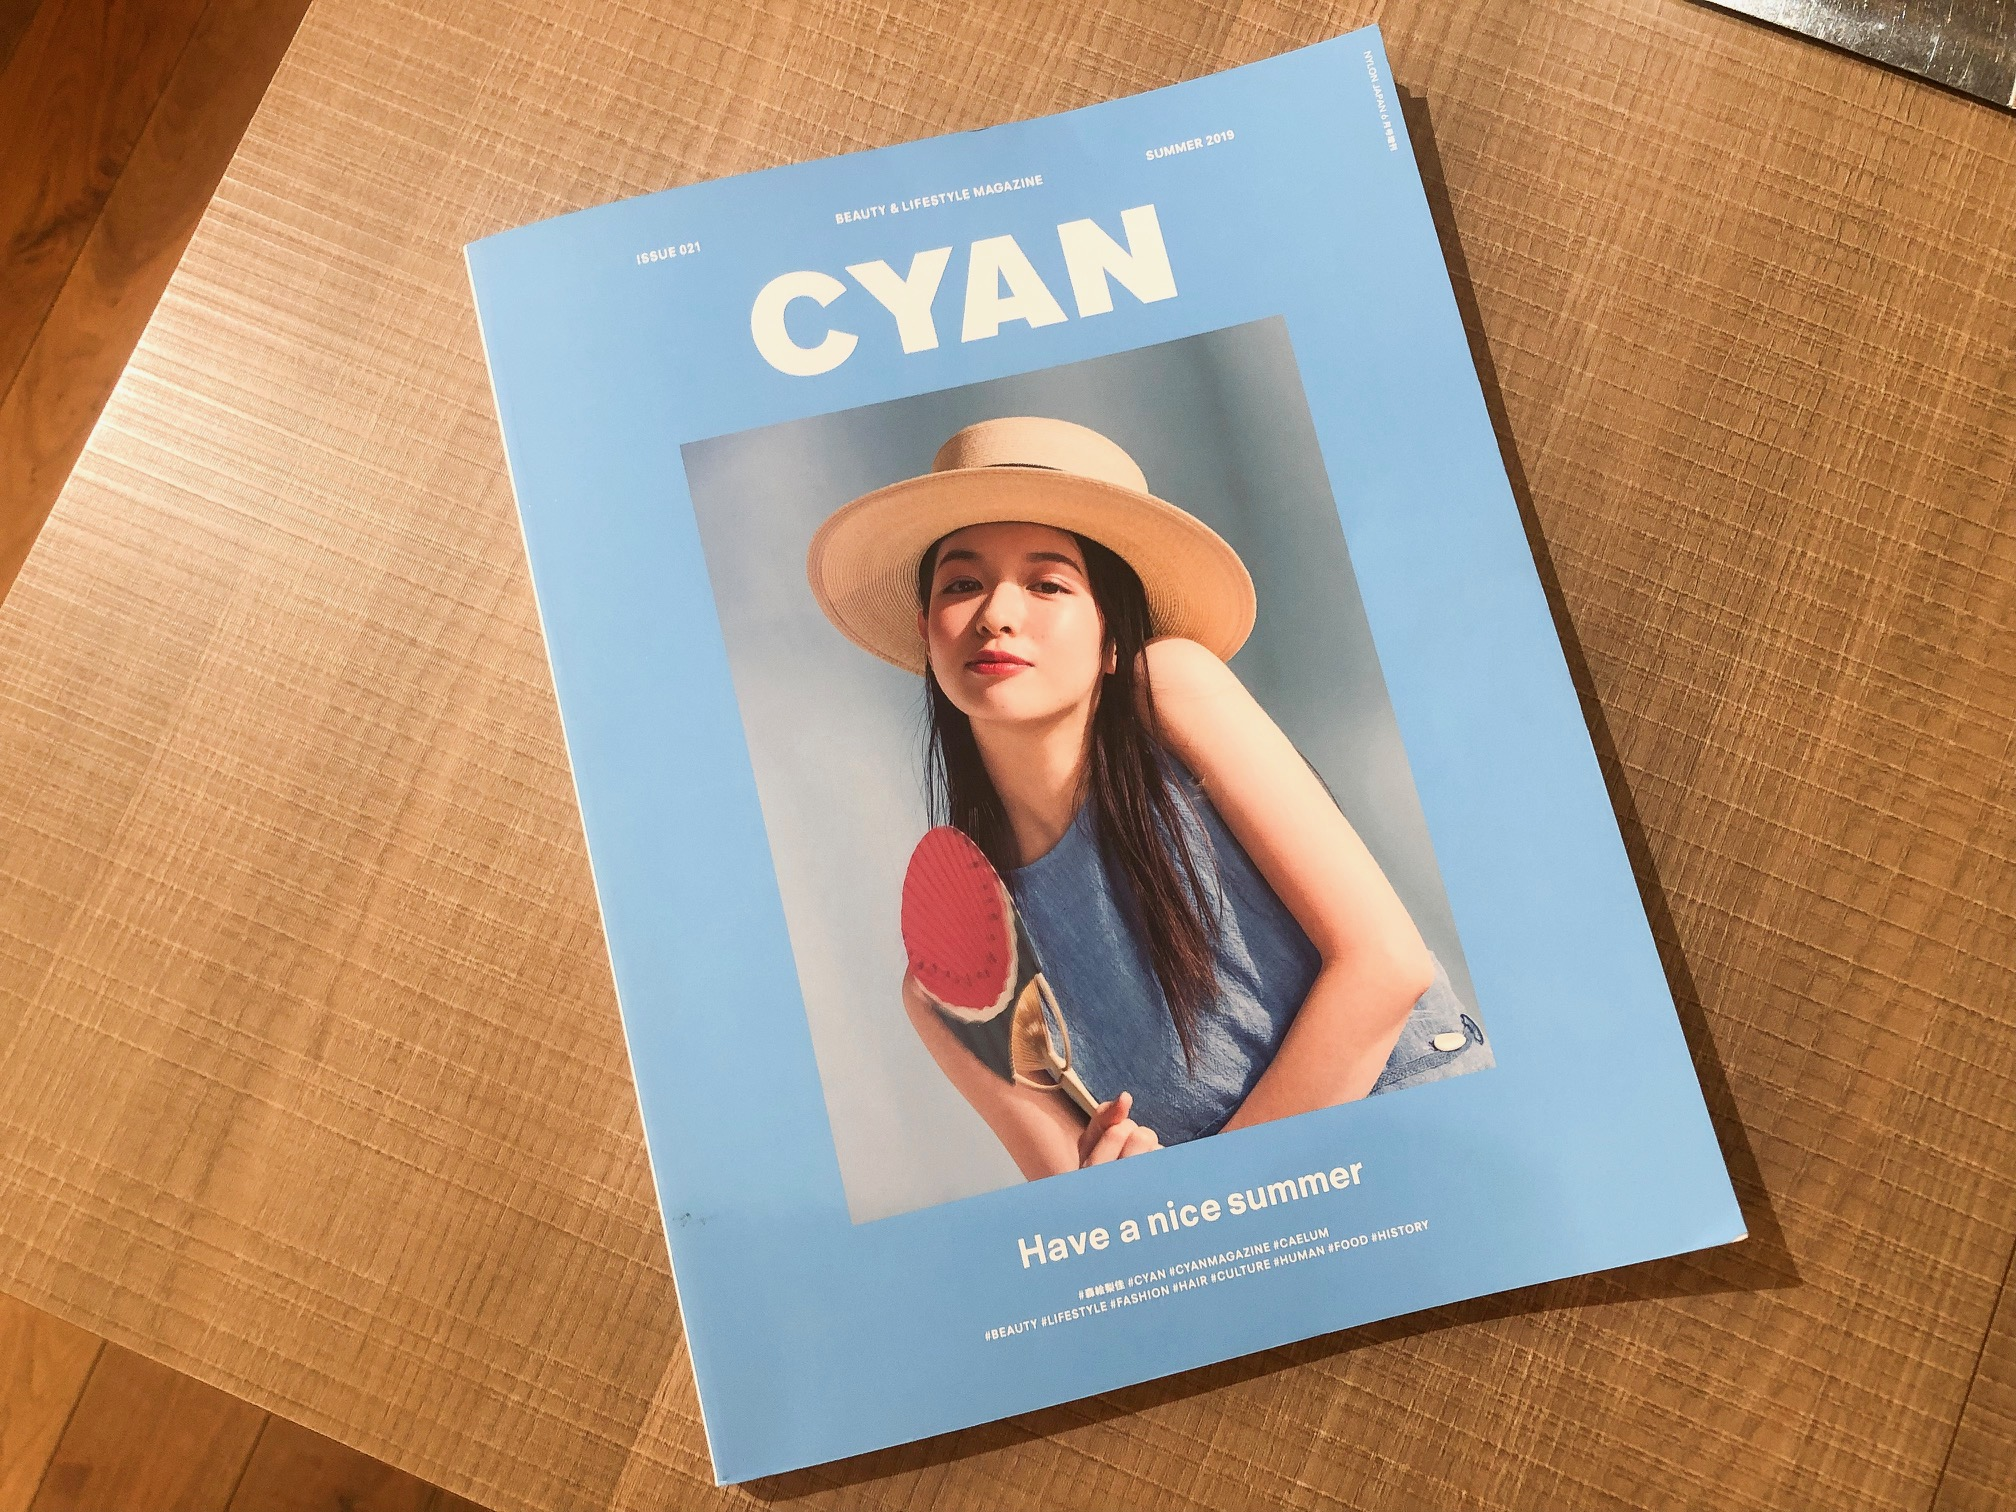 【掲載誌】CYAN 2019 SUMMER ヘアスタイル掲載